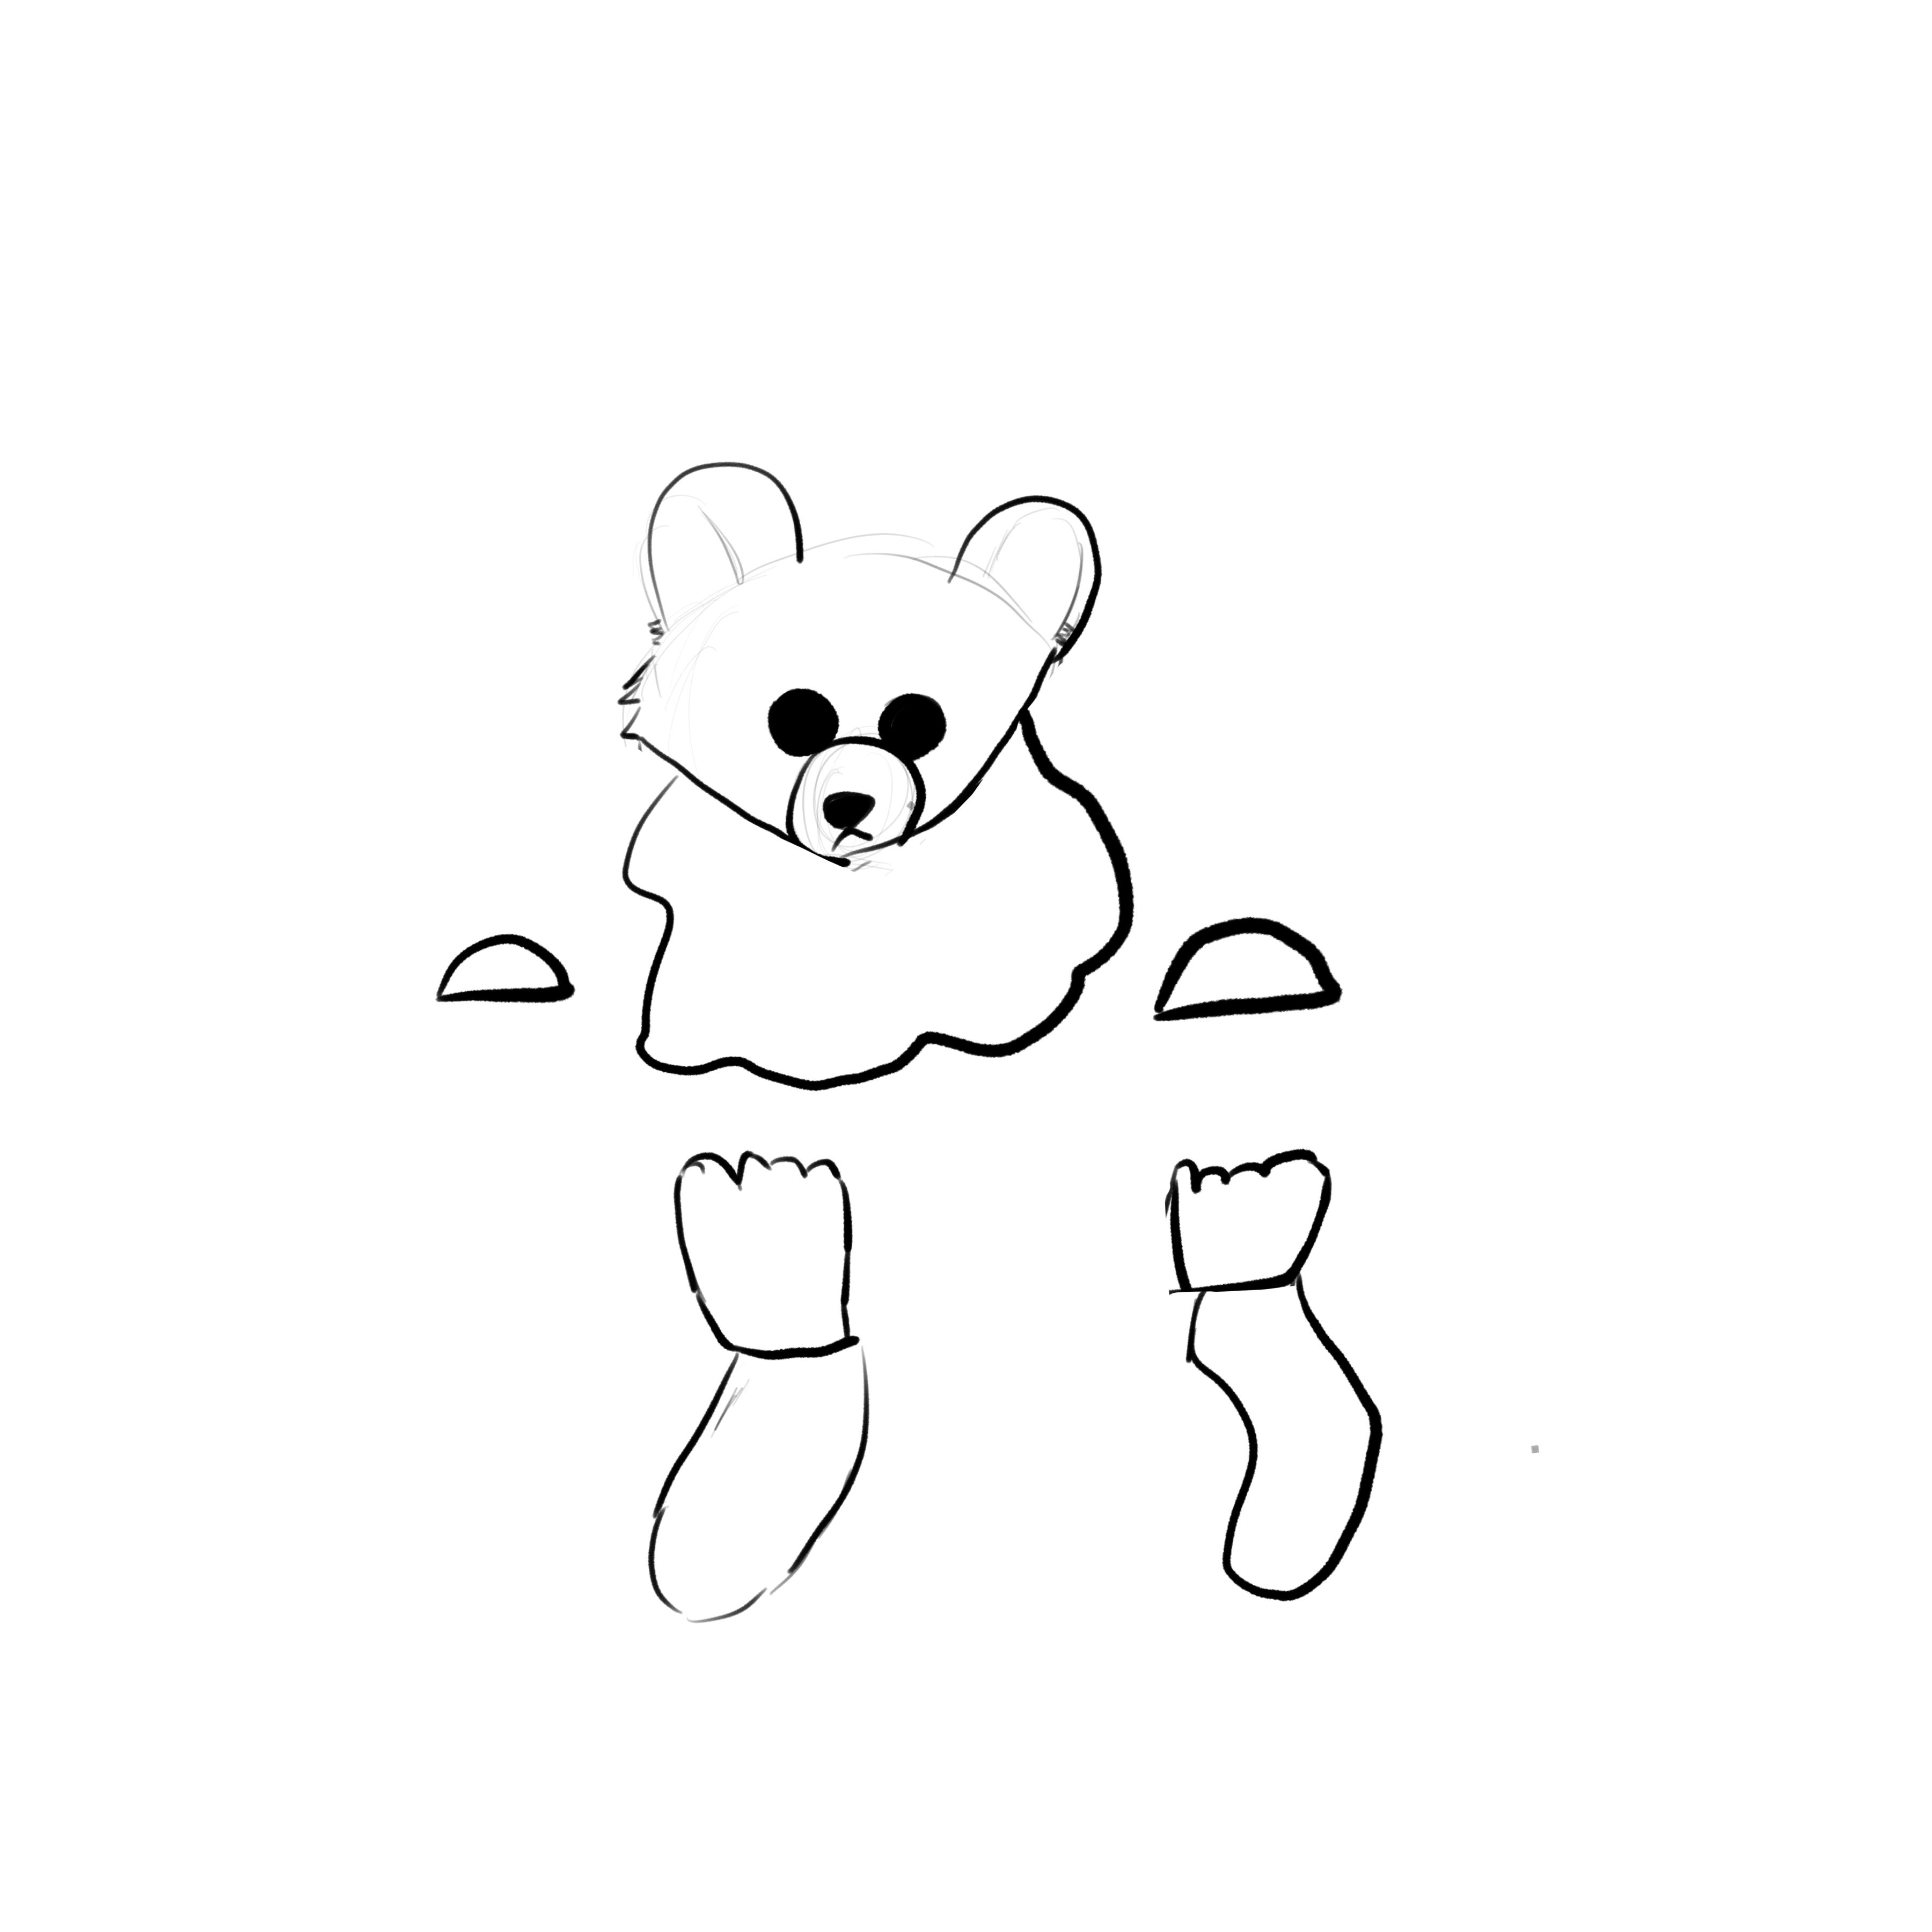 bear sketch outlines